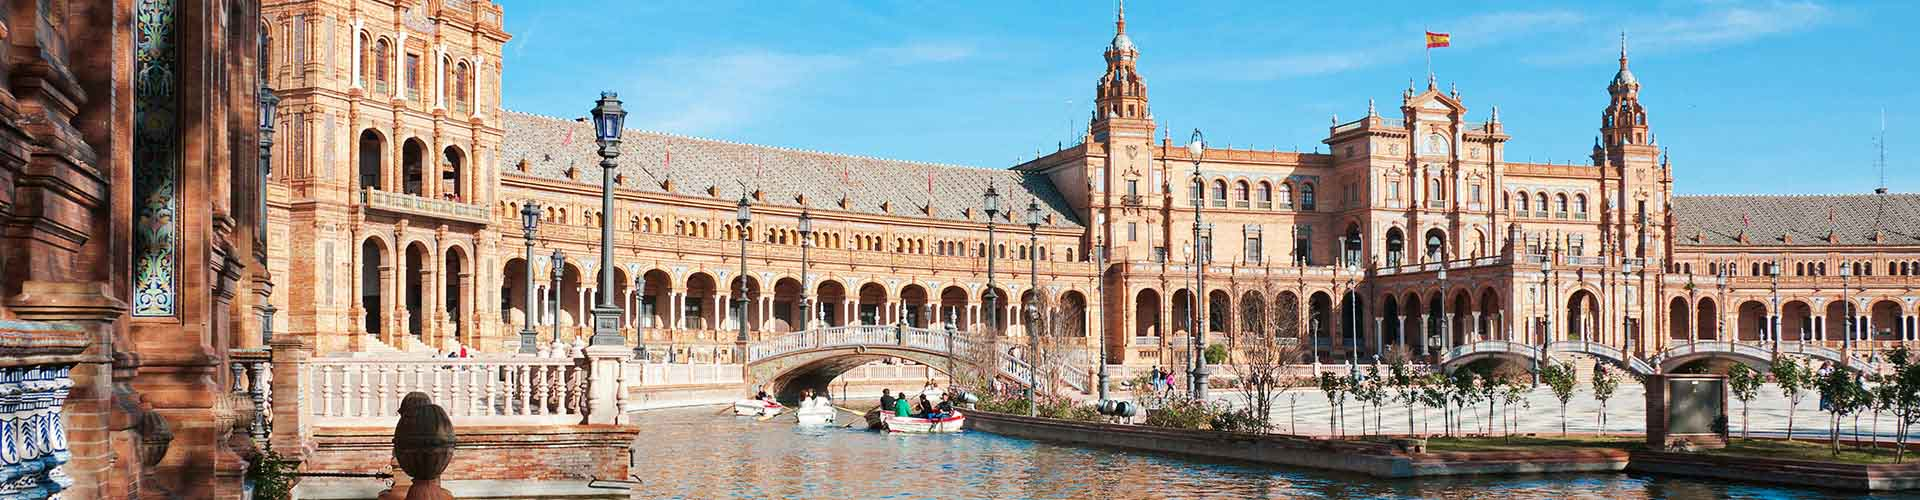 Seville - Appartements près de Plaza de Toros. Cartes pour Seville, photos et commentaires pour chaque appartement à Seville.